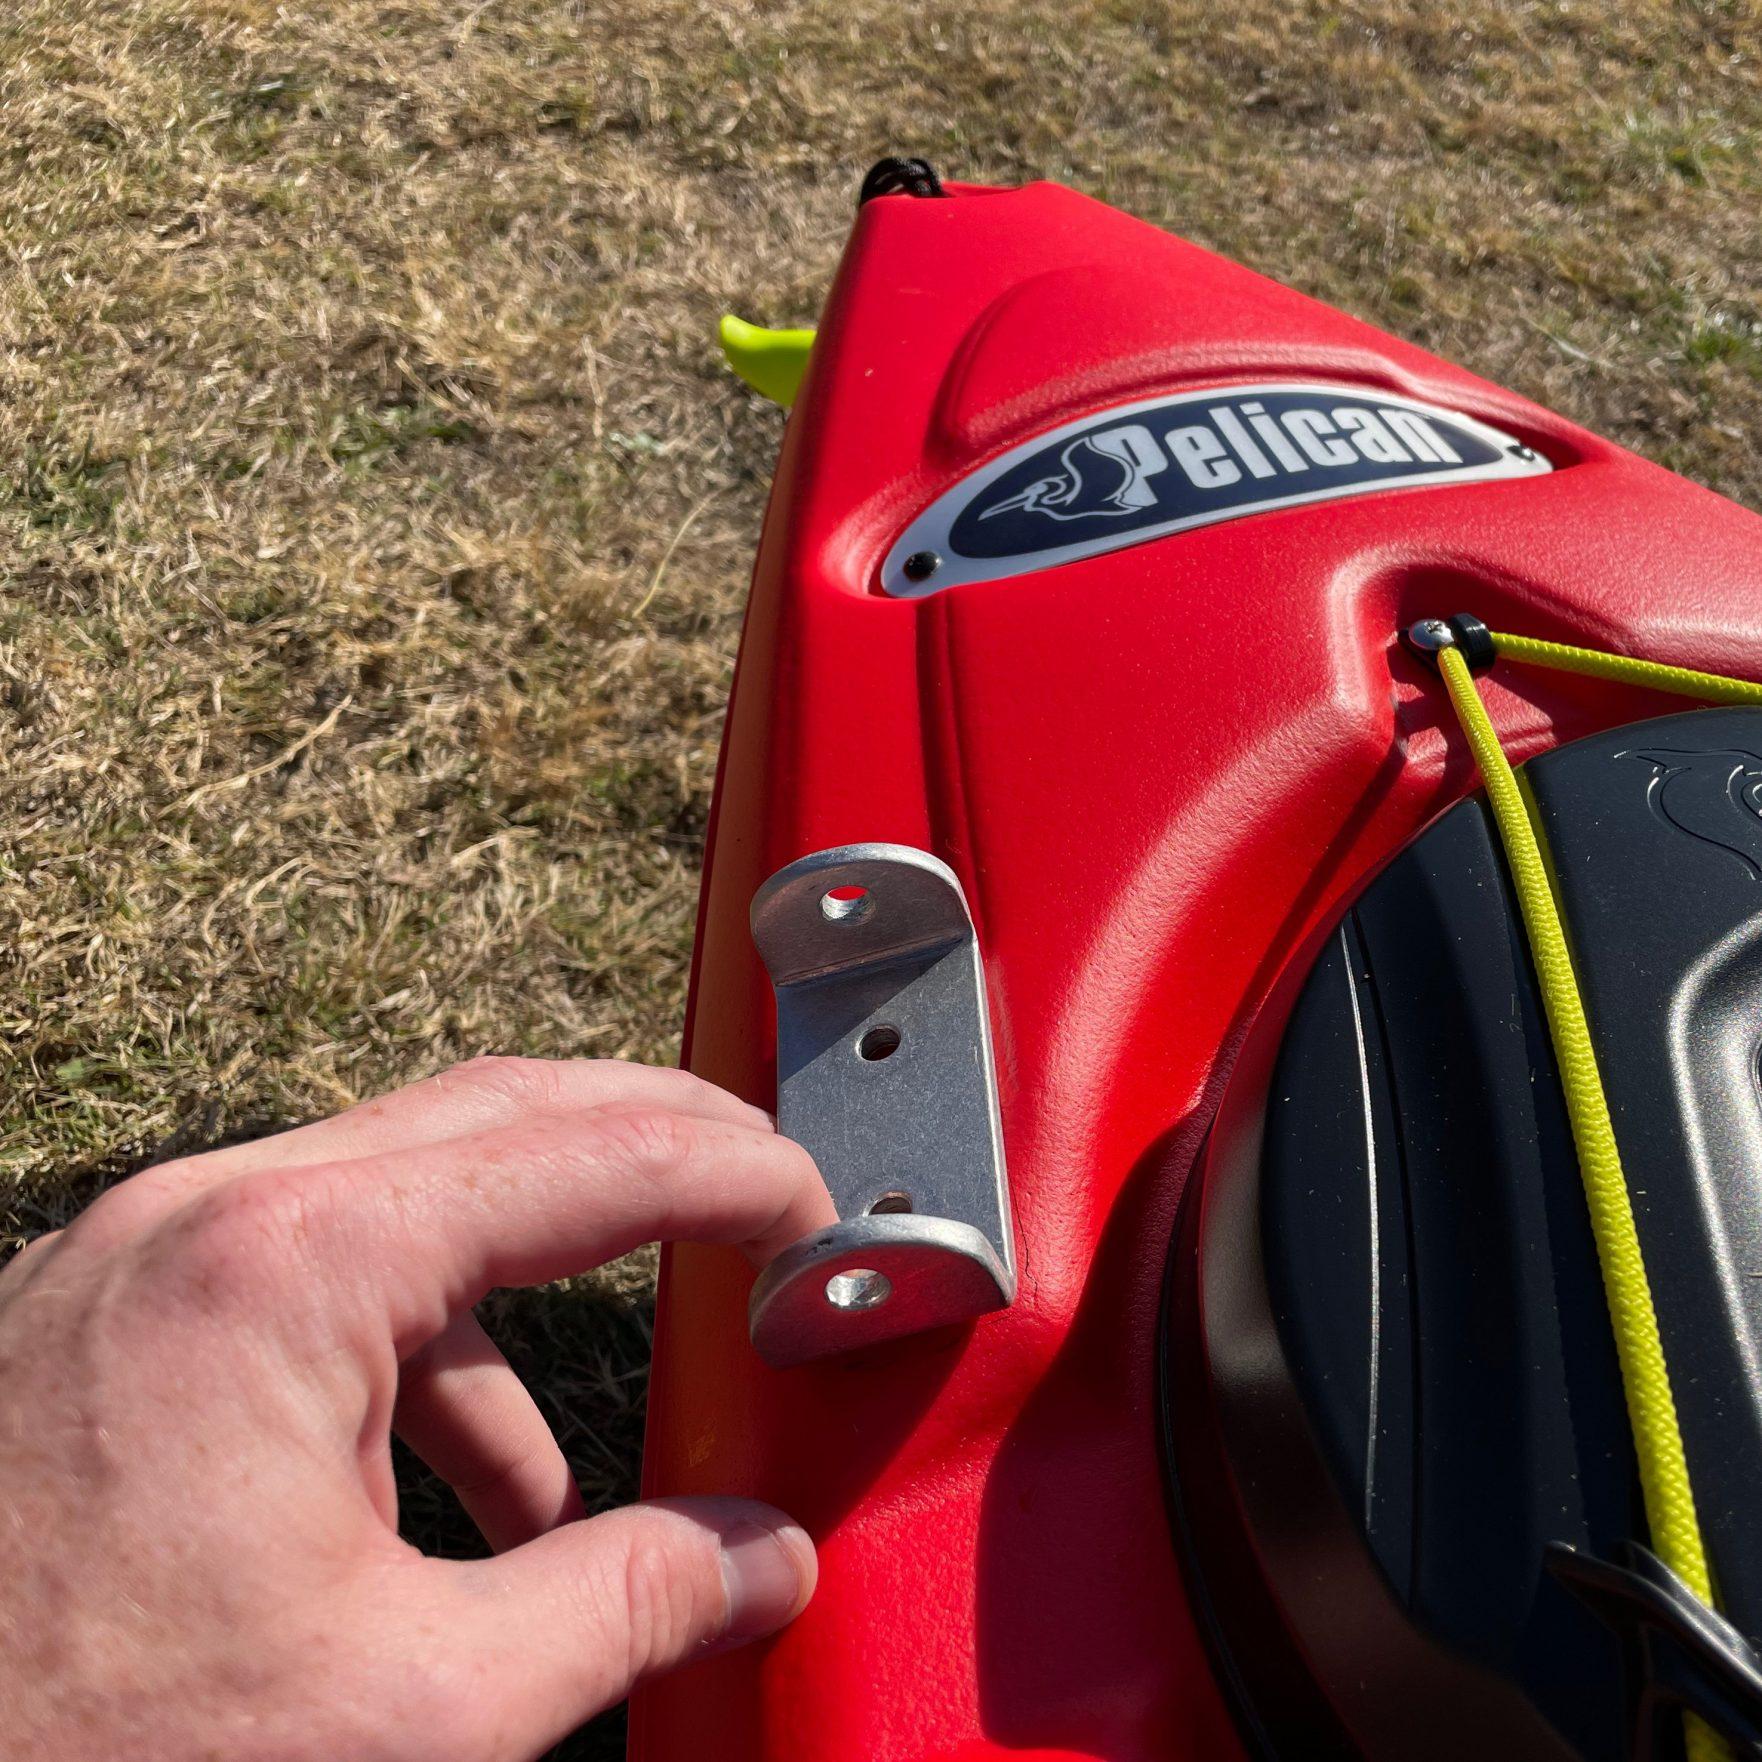 Bold Ivy Kayak Stabilizer Installation - Step 7